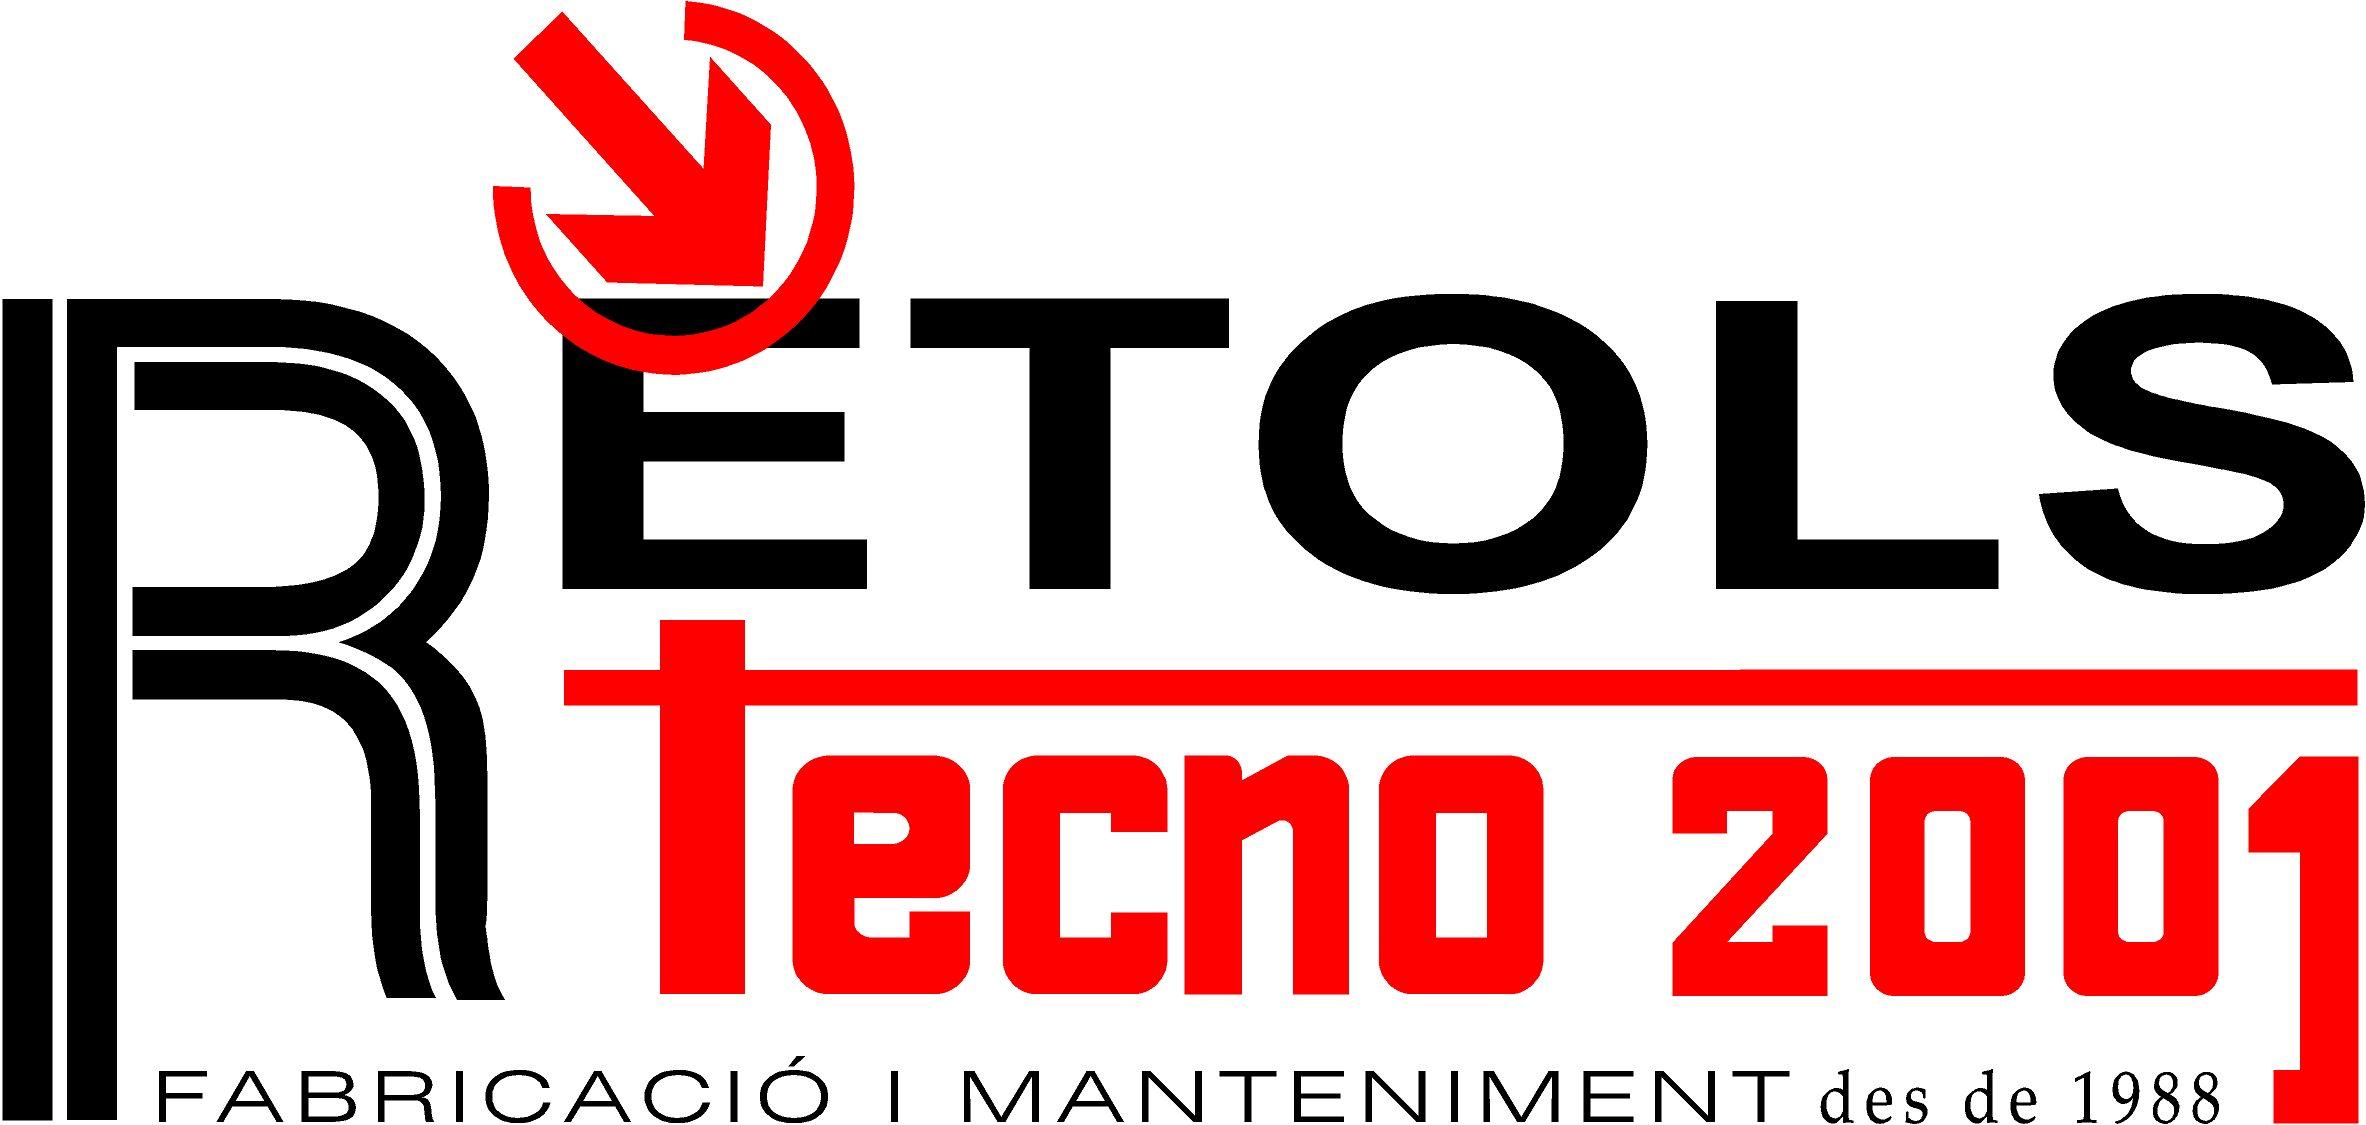 Rètols Tecno 2001